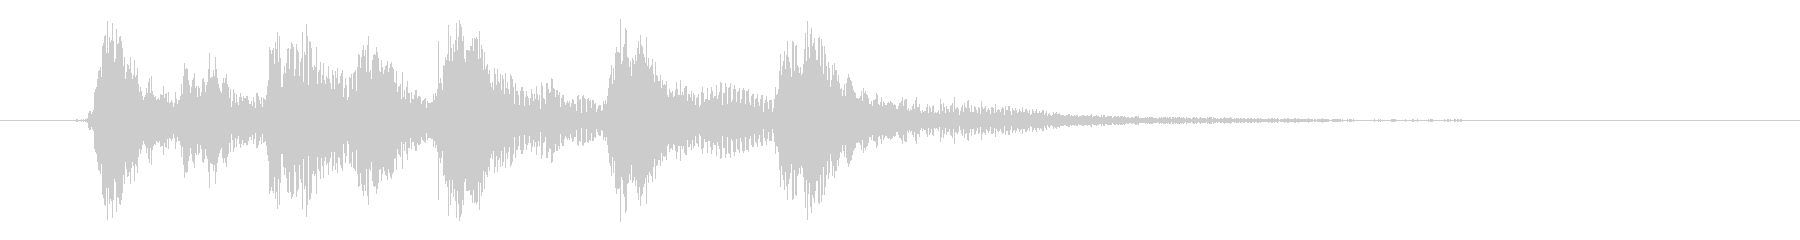 ピチカートのシンプルなジングル その4の未再生の波形